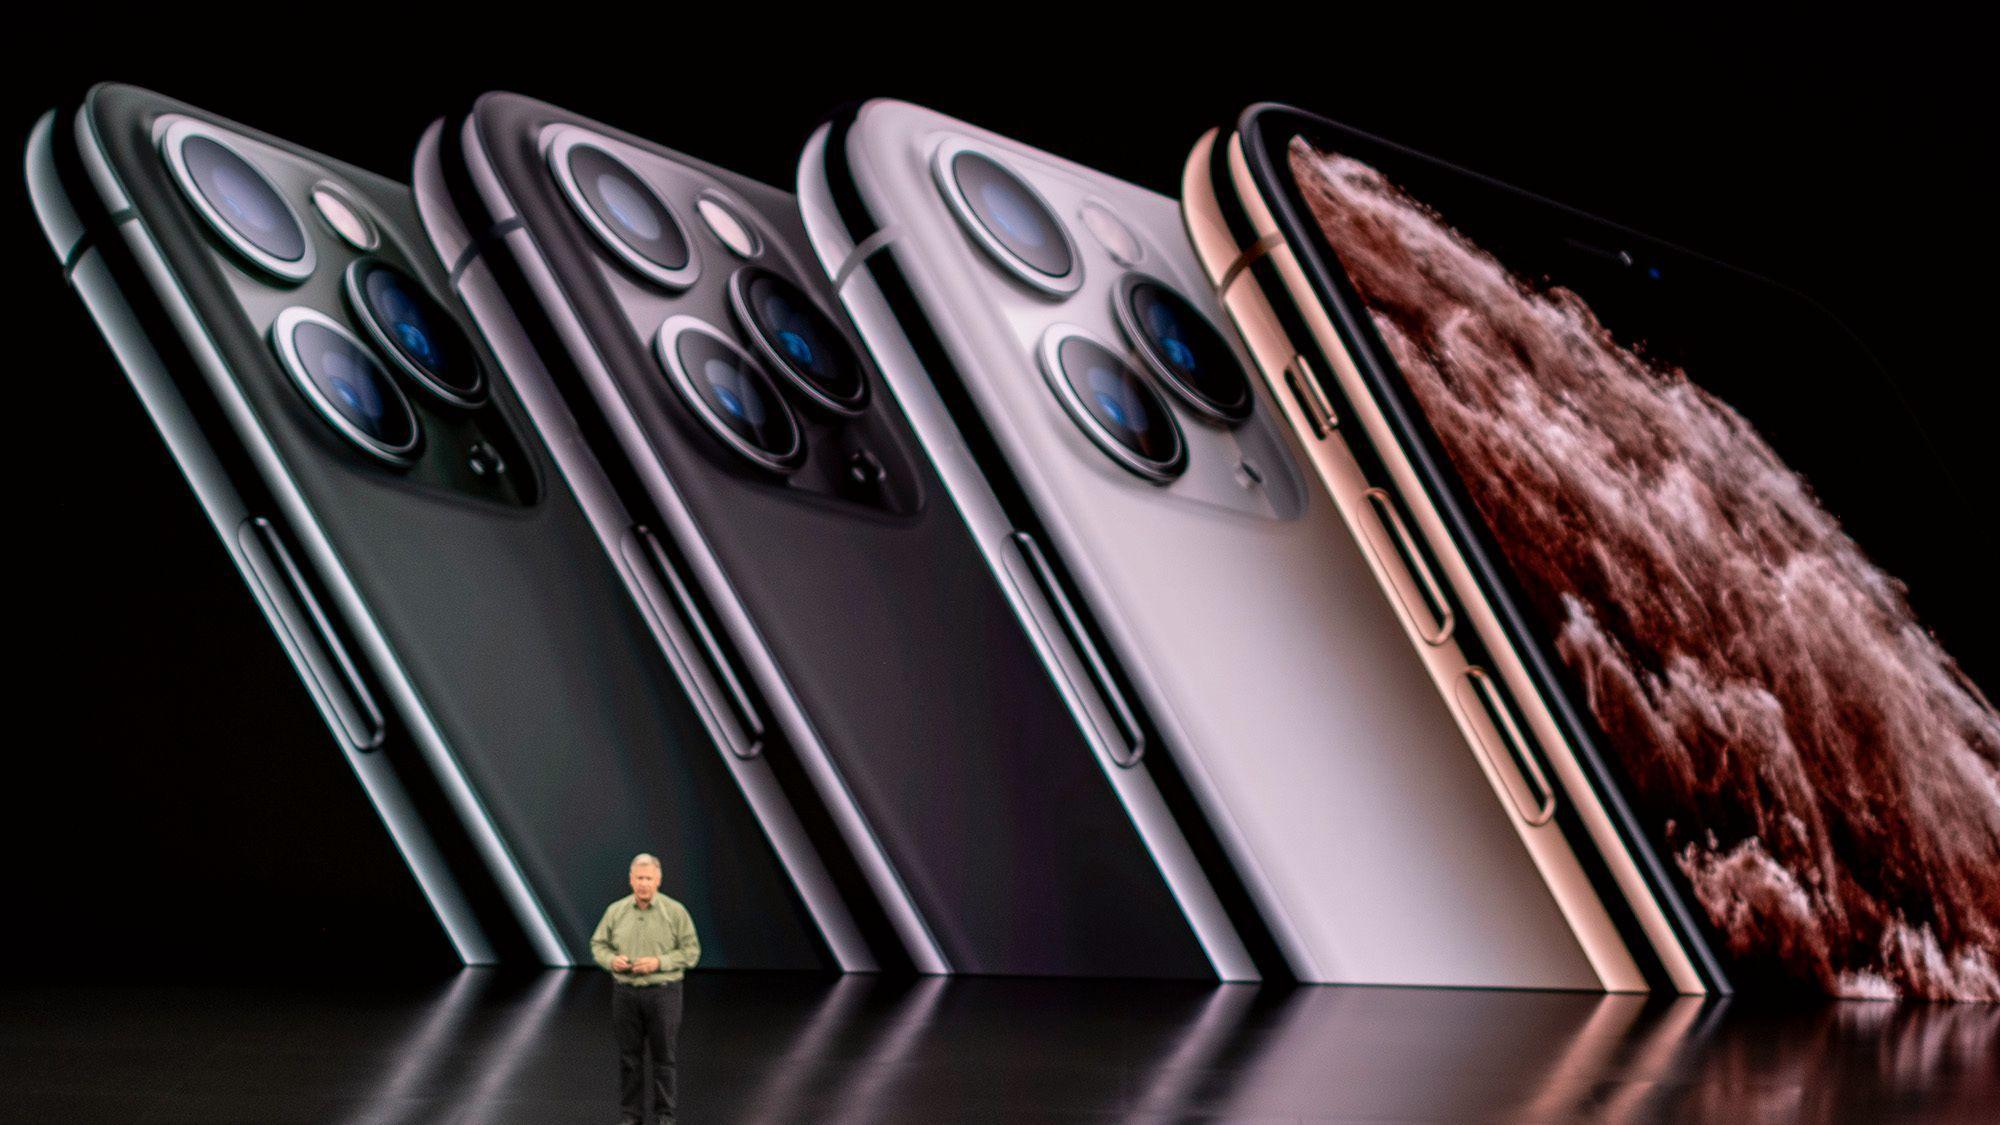 Nok et tegn på at årets iPhone-lansering blir utsatt